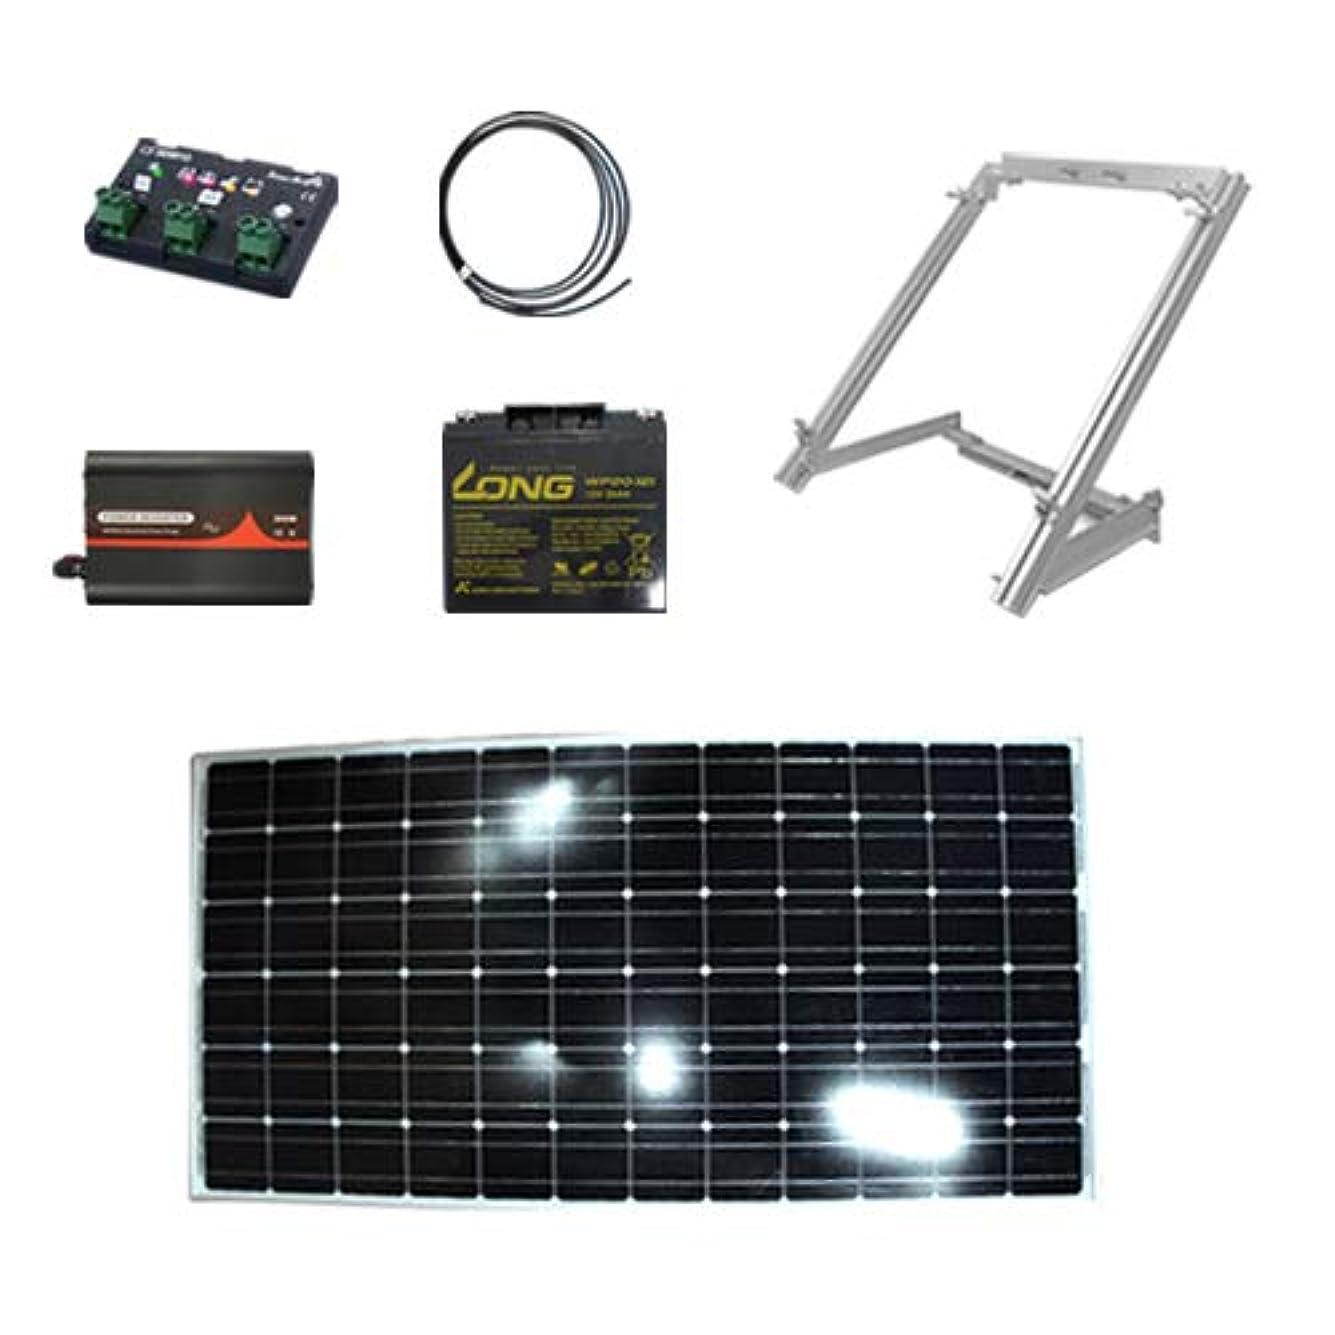 伝導率ドループ輪郭このセットでスグ充電出来る 100w ソーラーパネルセット 発電はじめて自作キット 架台付き 太陽光パネル チャージコントローラー バッテリー インバーター ケーブル付セット インバーターのヘルツ数 単結晶 高変換効率 出力安定 防水:50Hz(東日本)Dream Link(ドリームリンク)